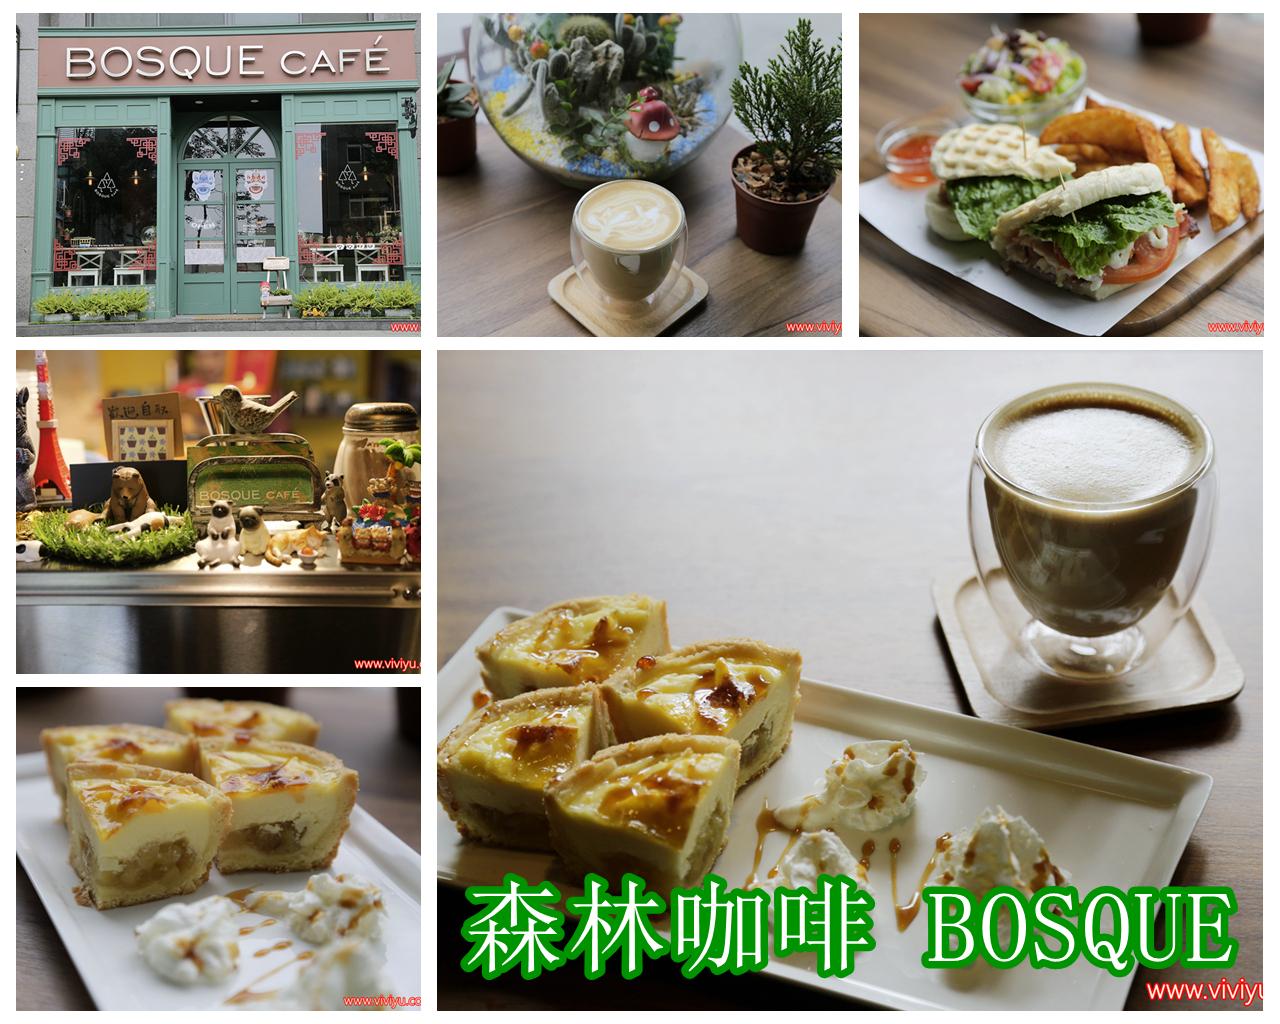 [林口.美食]森林咖啡Bosque cafe.近林口三井Outlet~營業時段早.免費wifi.不限時咖啡館&早午餐